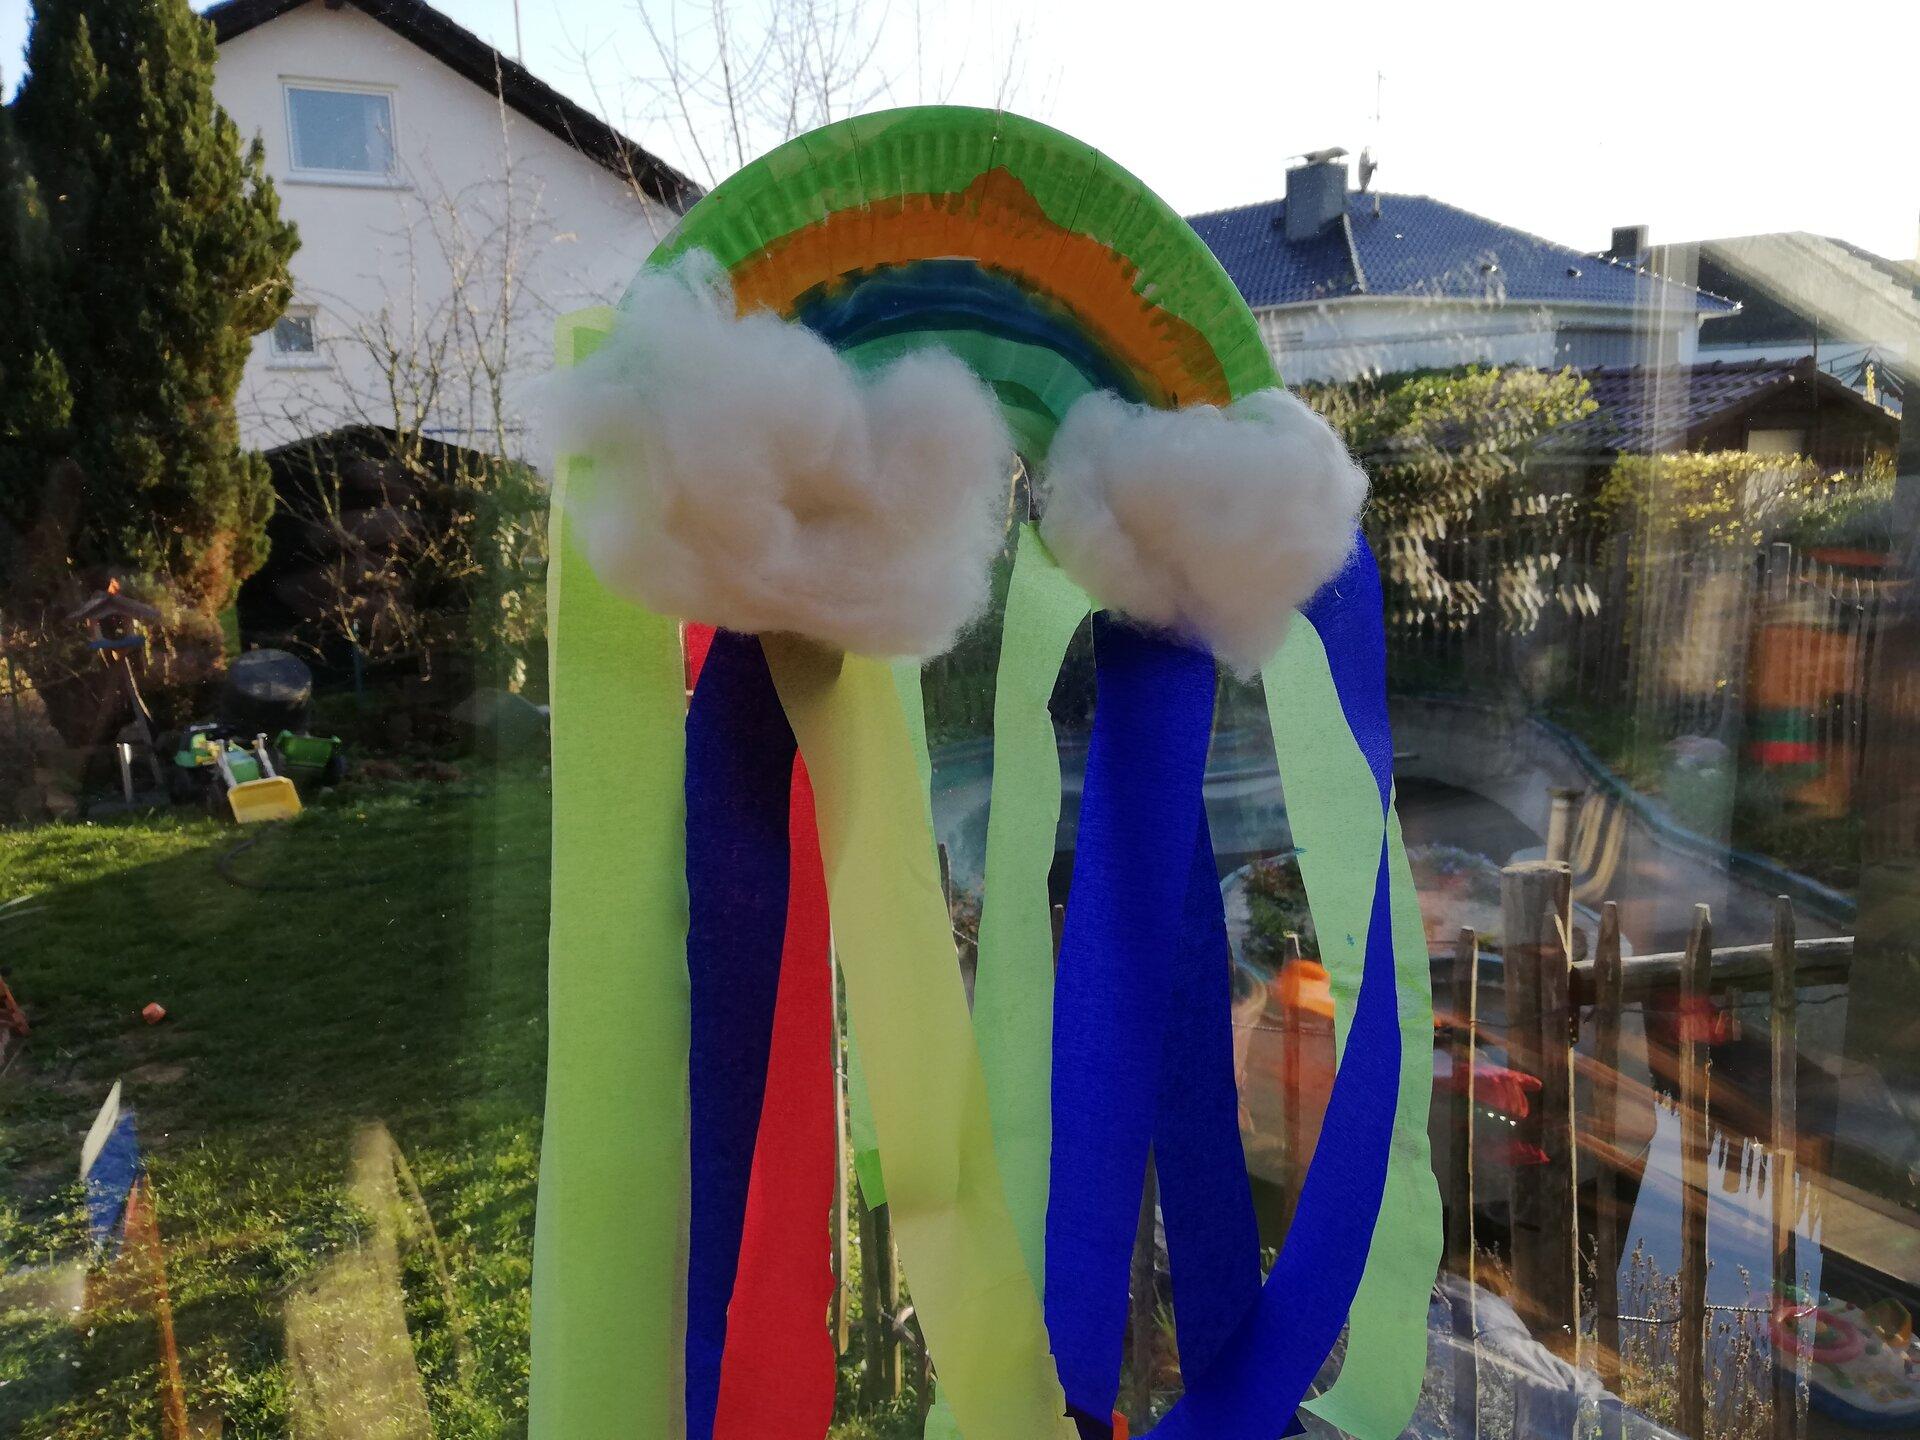 Bild zeigt einen gebastelten Regenbogen am Fenster